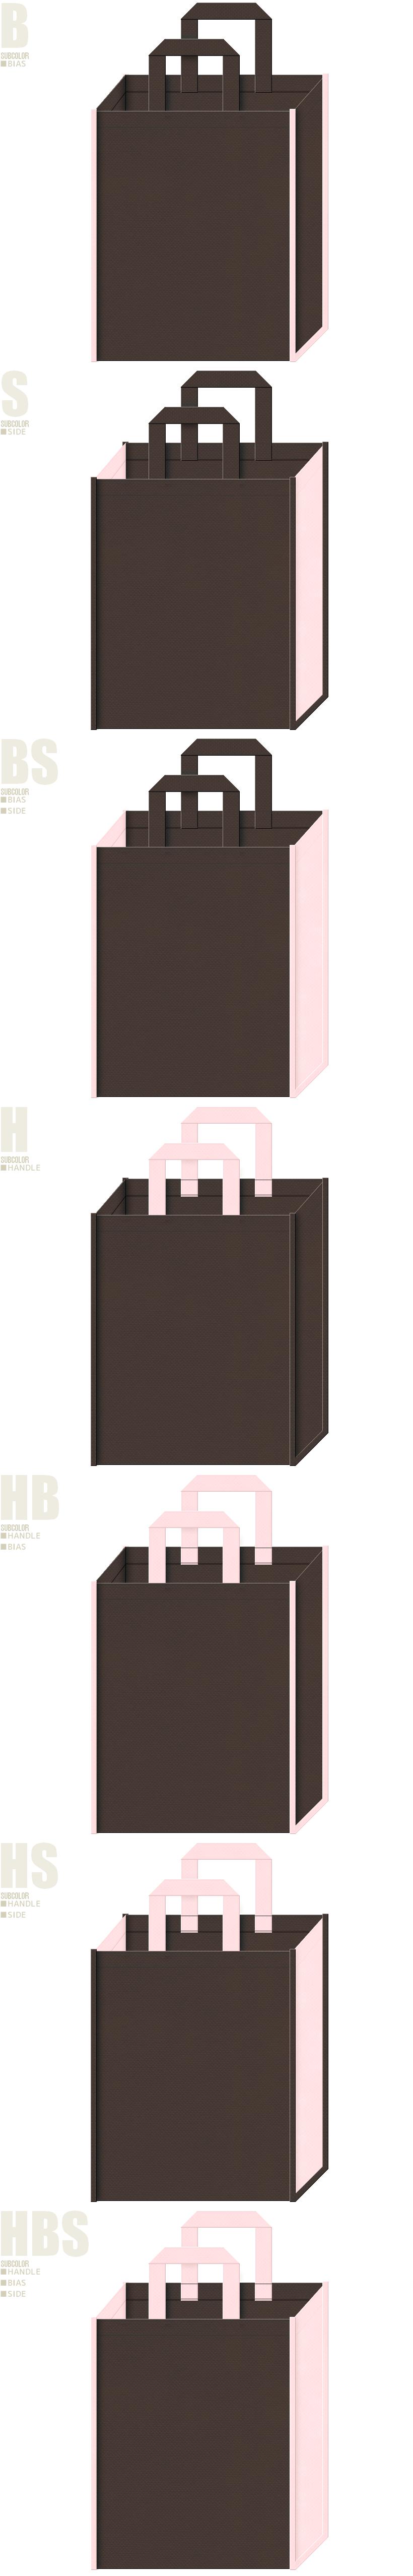 こげ茶色と桜色、7パターンの不織布トートバッグ配色デザイン例。和風催事・ゲームのバッグノベルティにお奨めです。夜桜風。